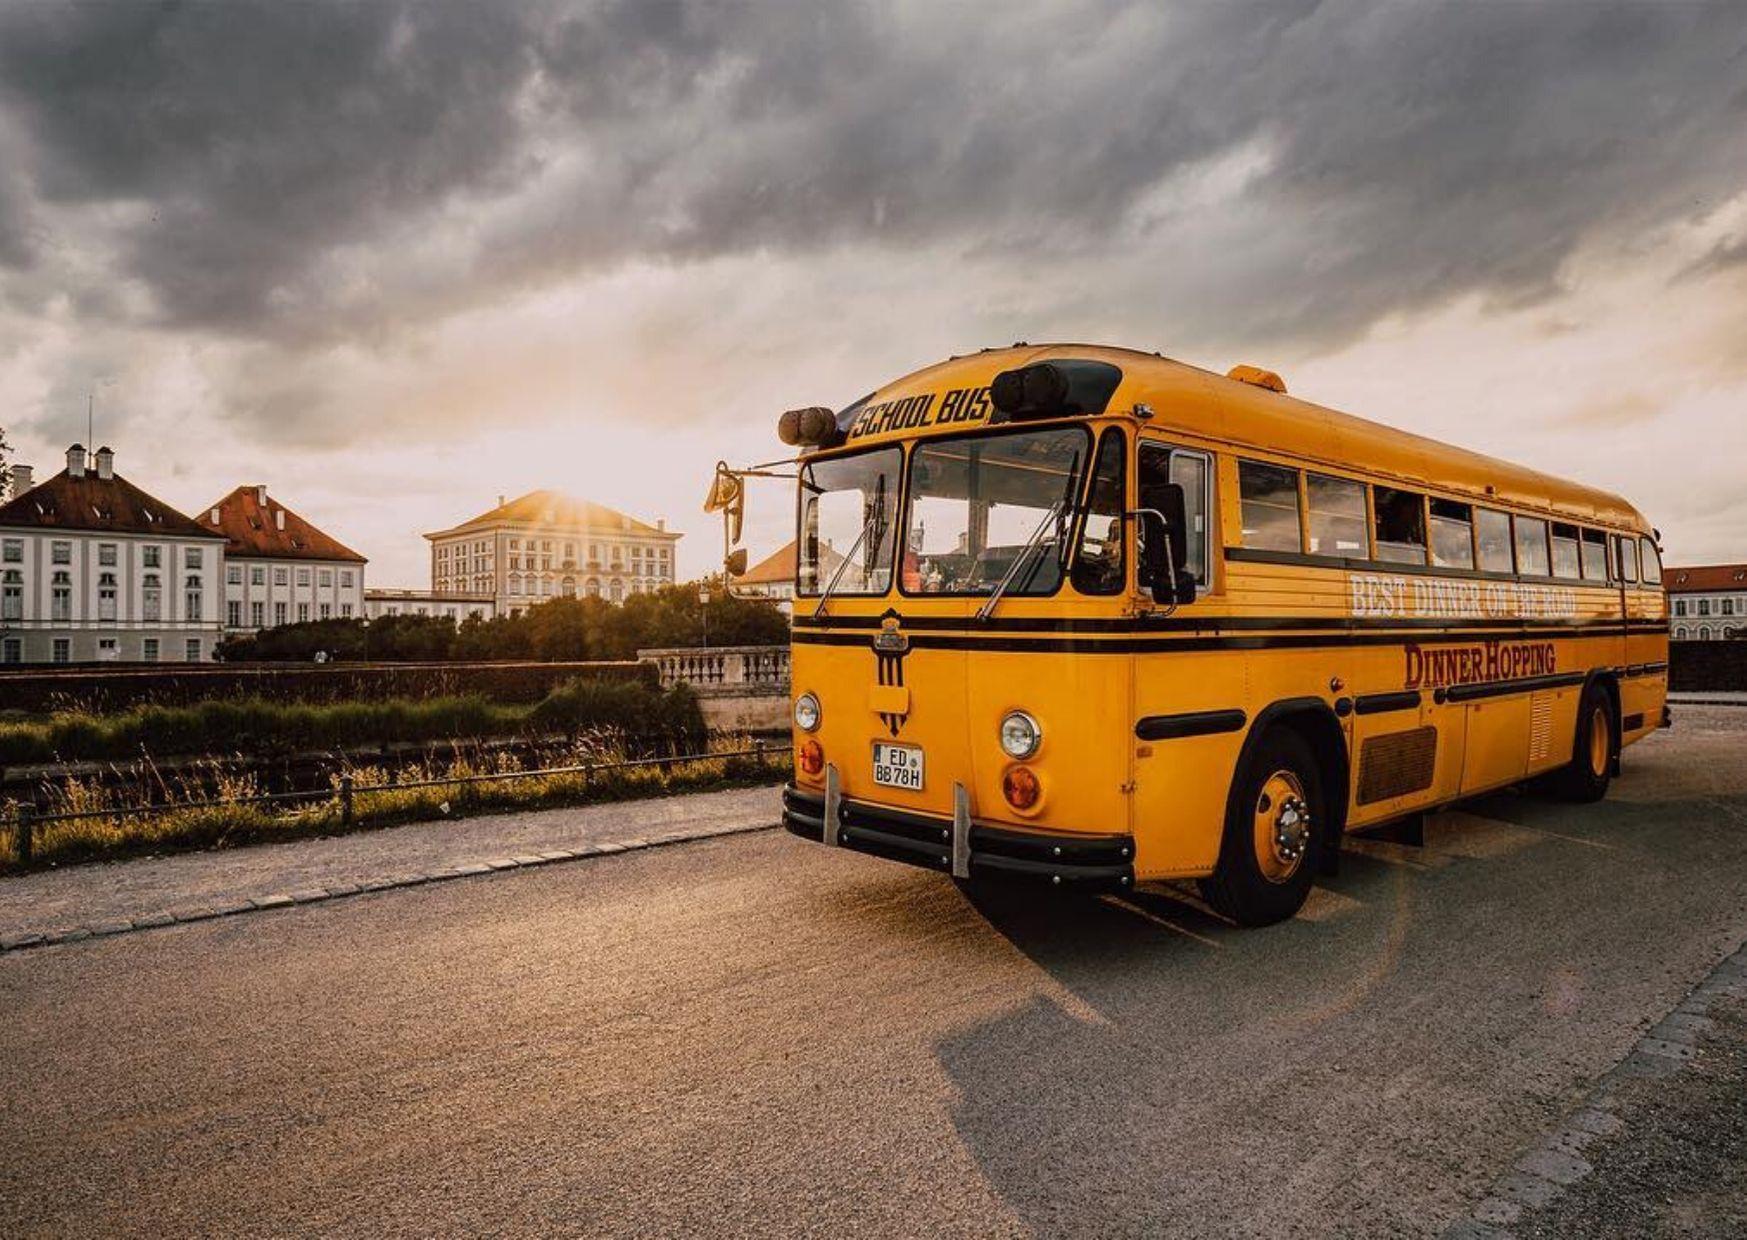 DinnerHopping-CrownBus München